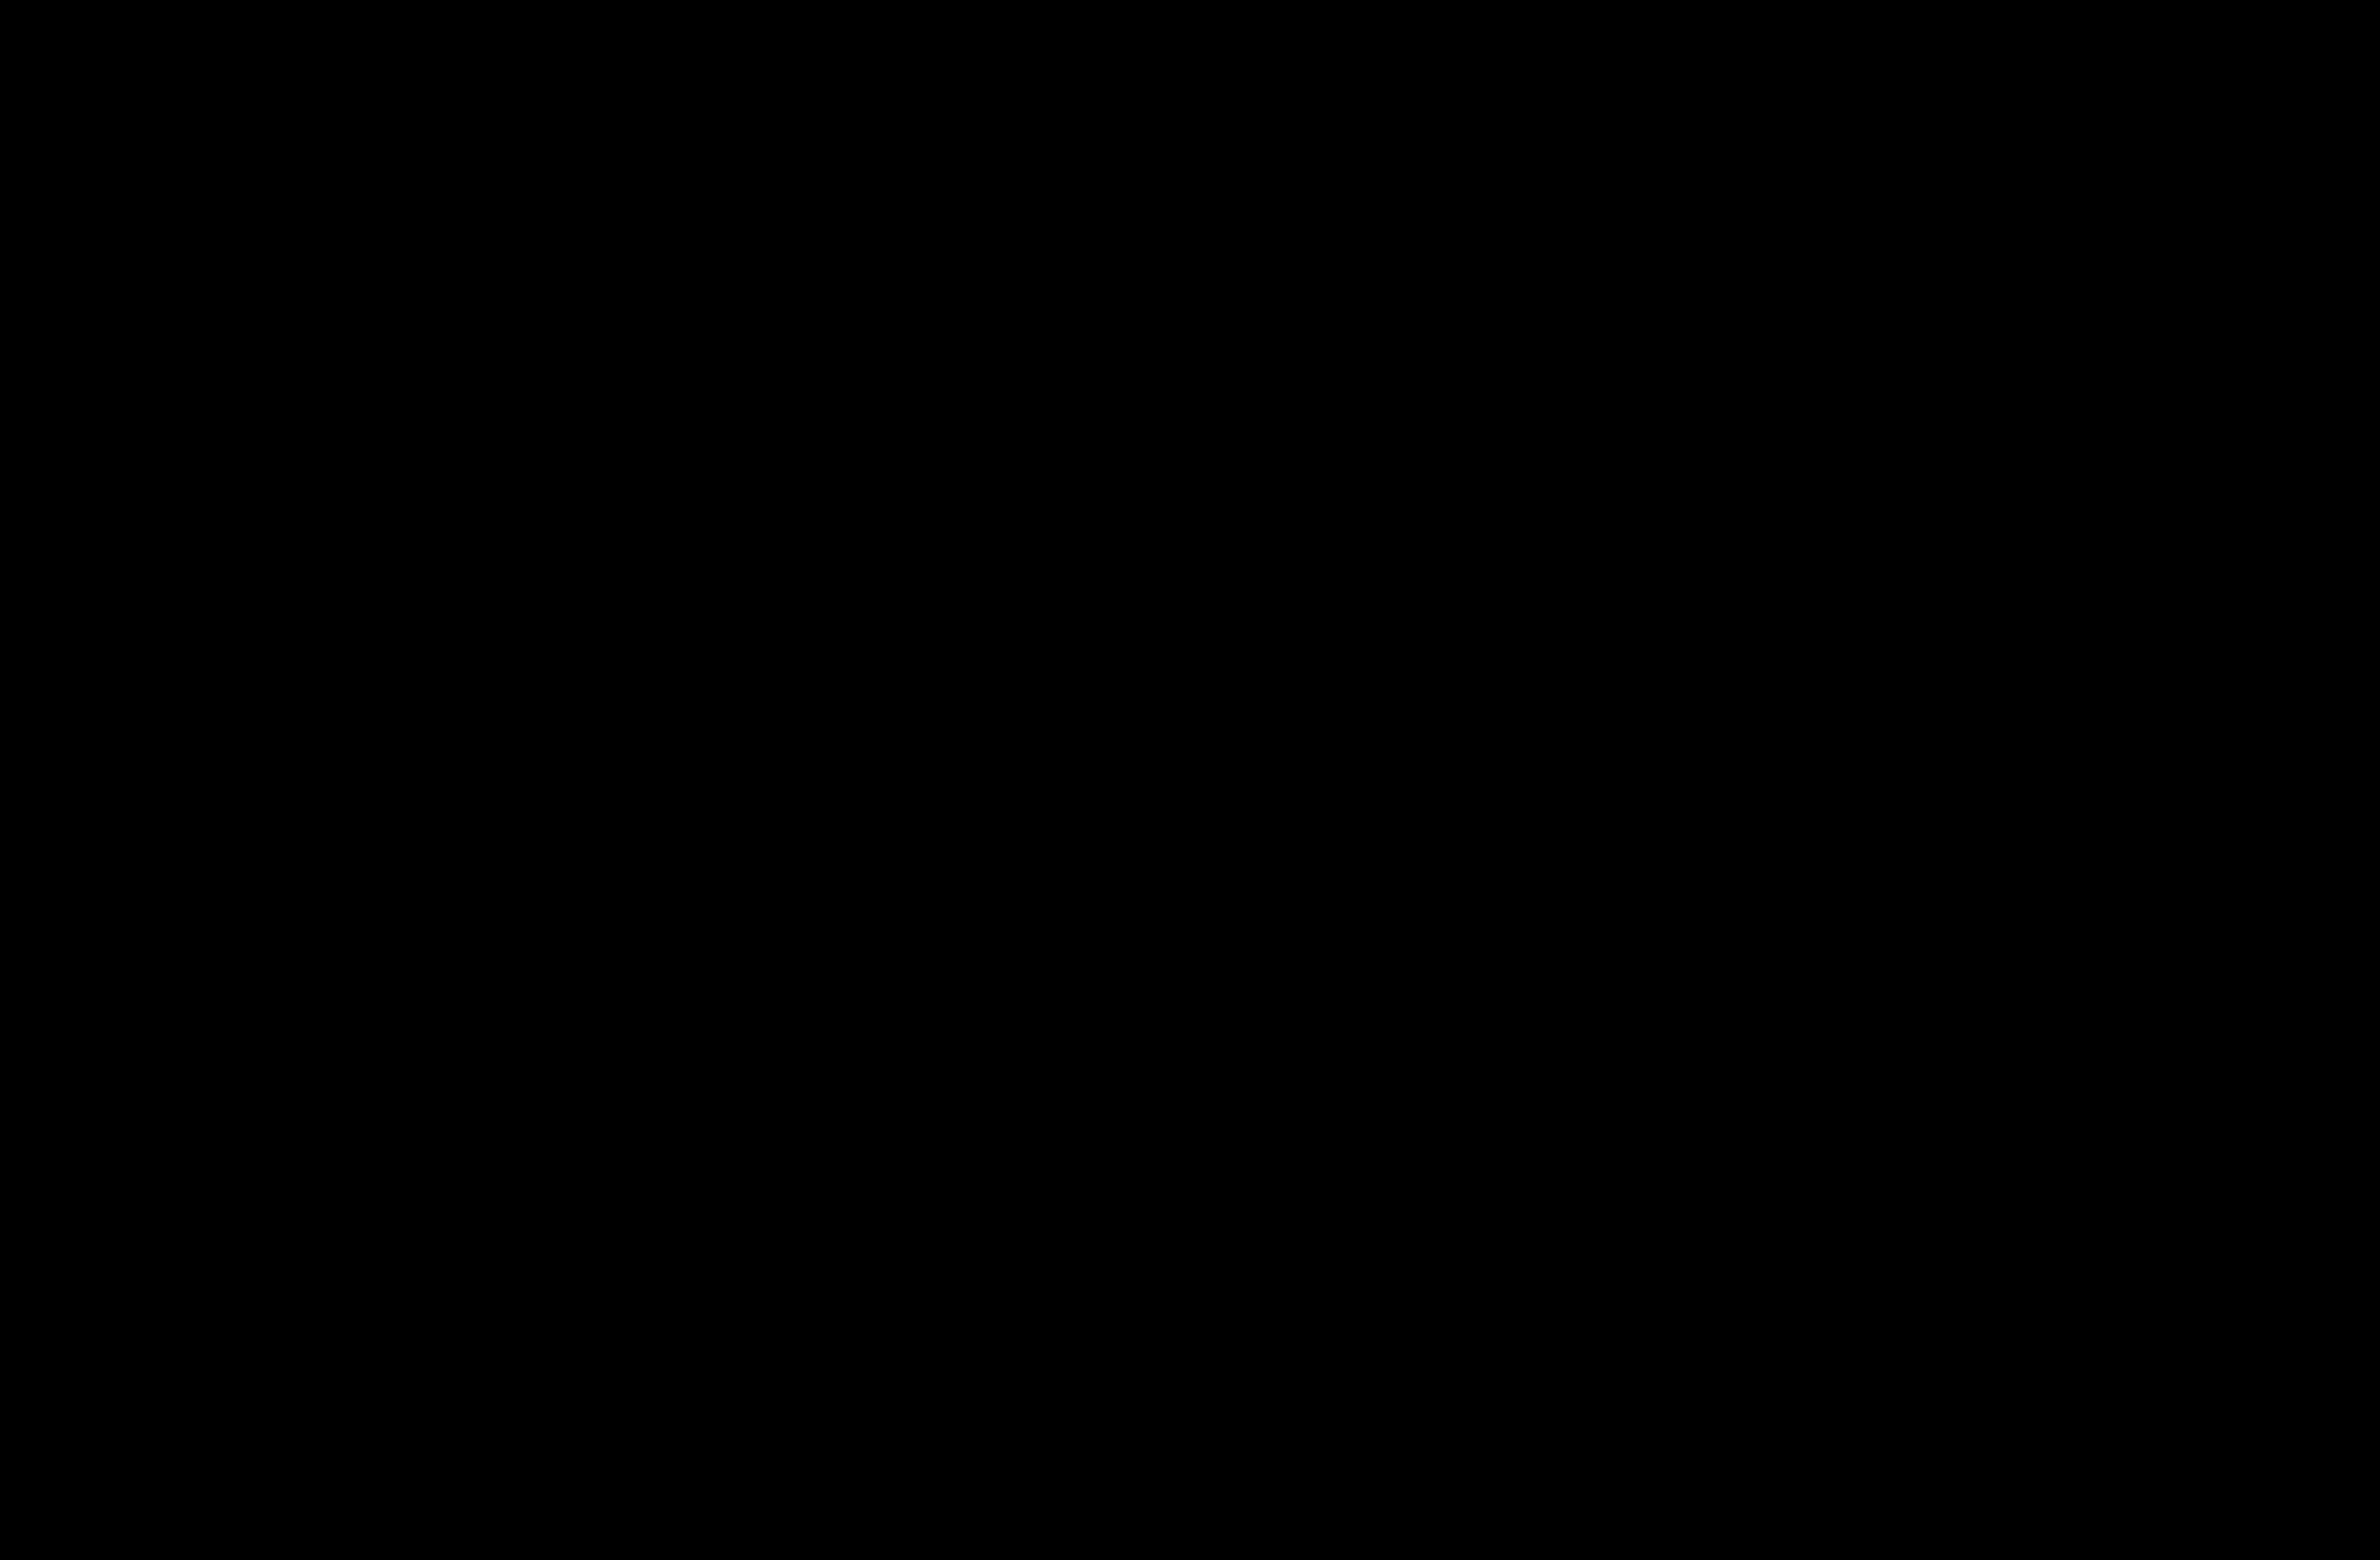 Plan du cadastre napoléonien - Belloy-en-Santerre (Belloy) : A